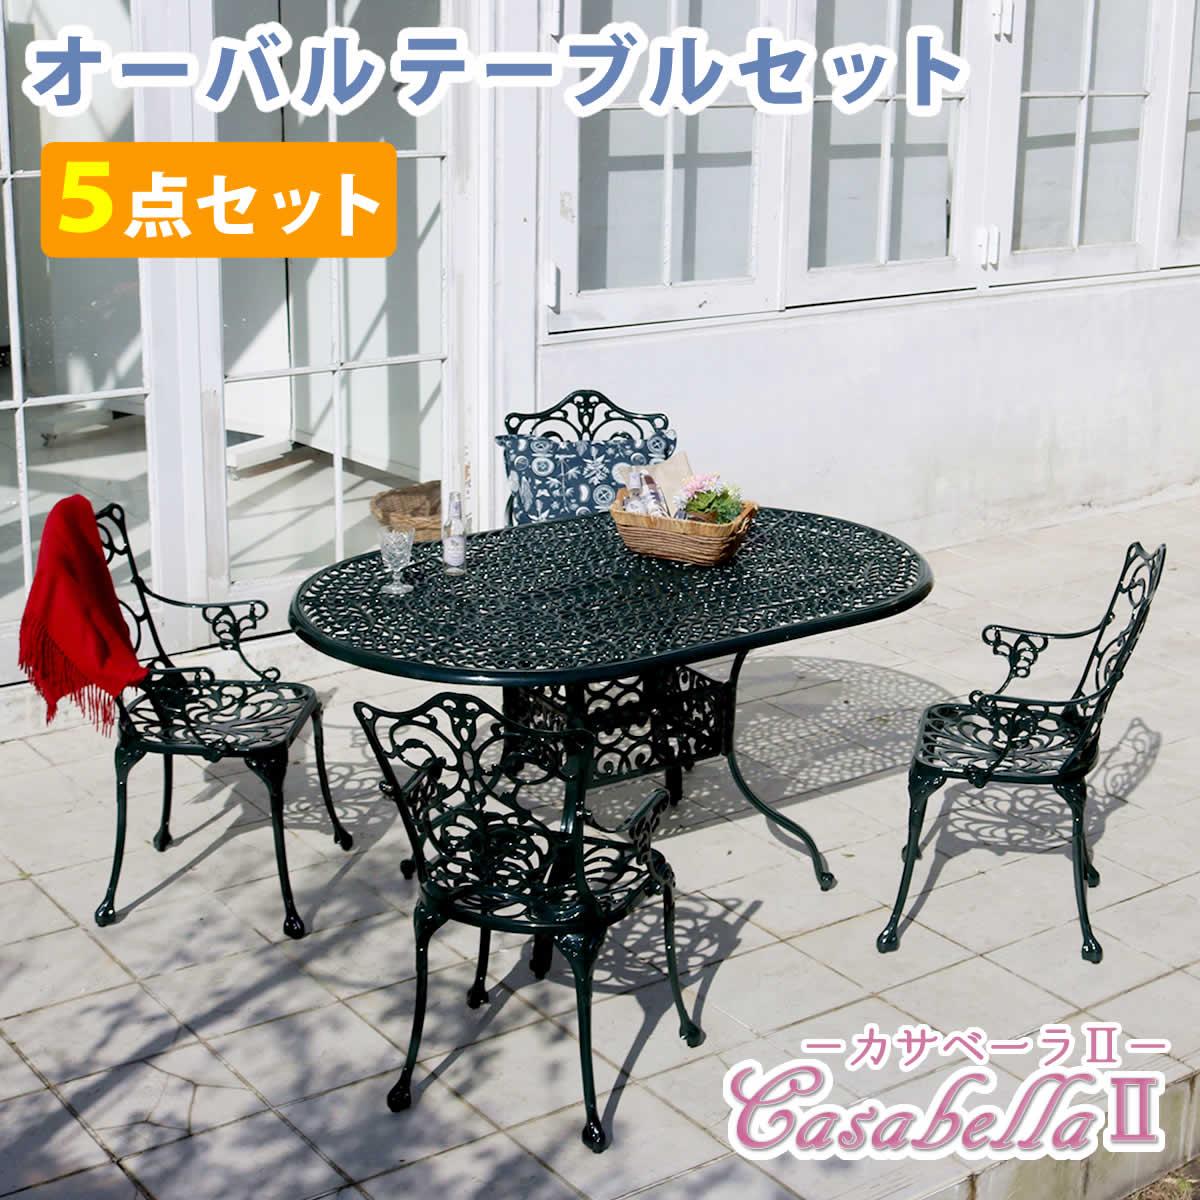 カサベーラ2 オーバルテーブル5点セット送料無料 簡単組立 ガーデンテーブル ダークグリーン テラス 庭 ウッドデッキ アルミ アンティーク クラシカル イングリッシュガーデン ファニチャー シンプル 北欧 インテリア 家具 ガーデン チェア